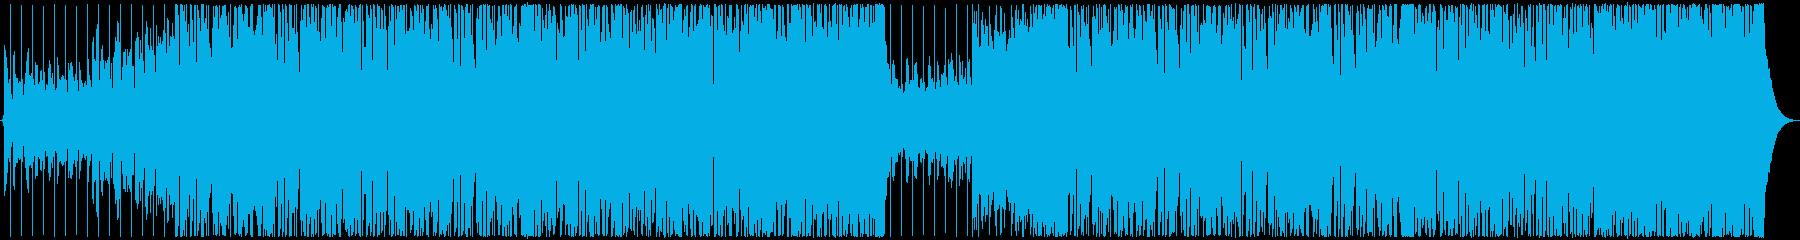 【メロなし】明るいフューチャーベースの再生済みの波形